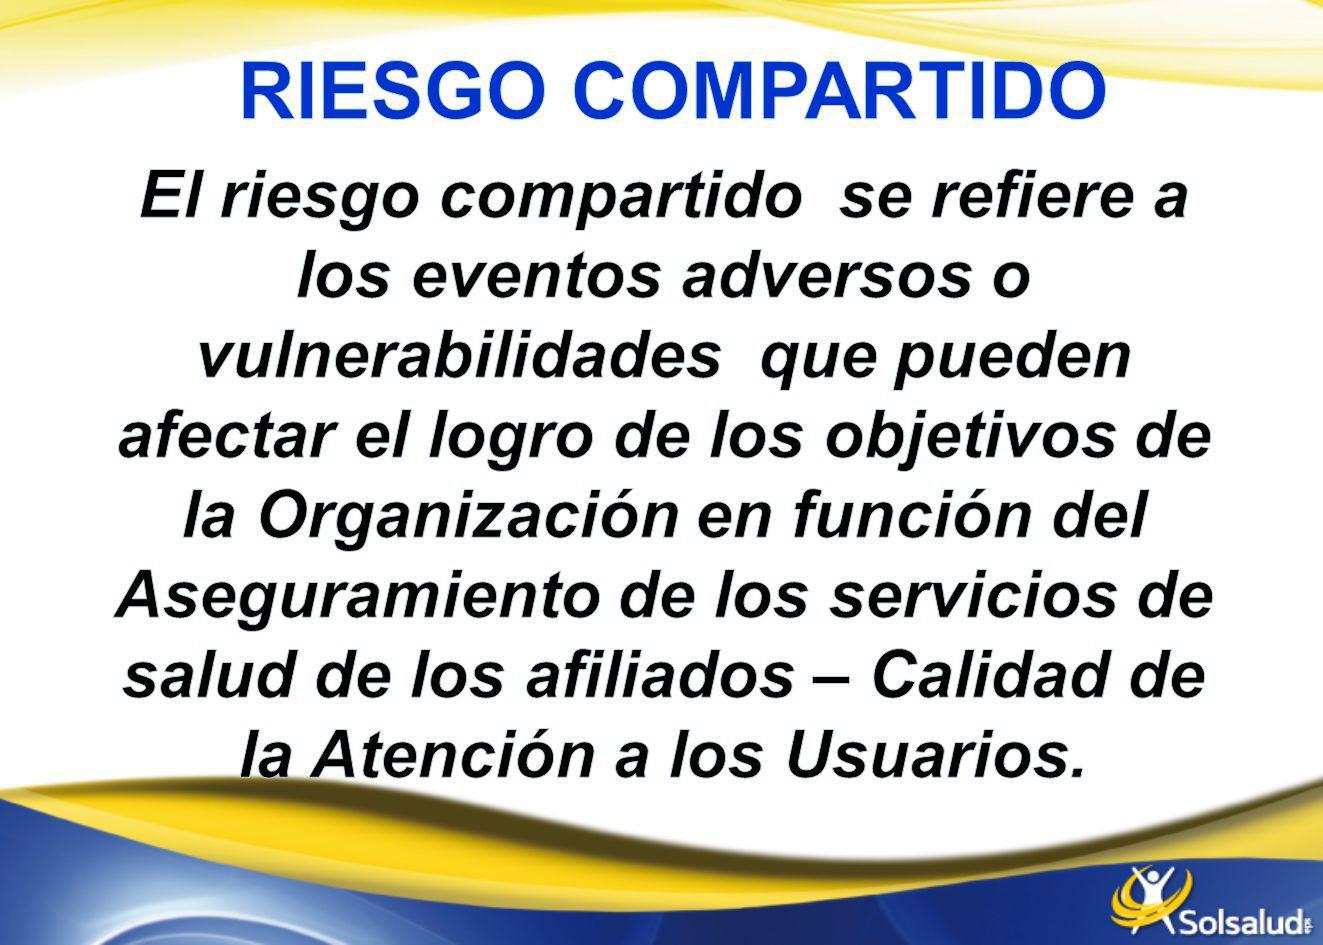 RIESGO COMPARTIDO